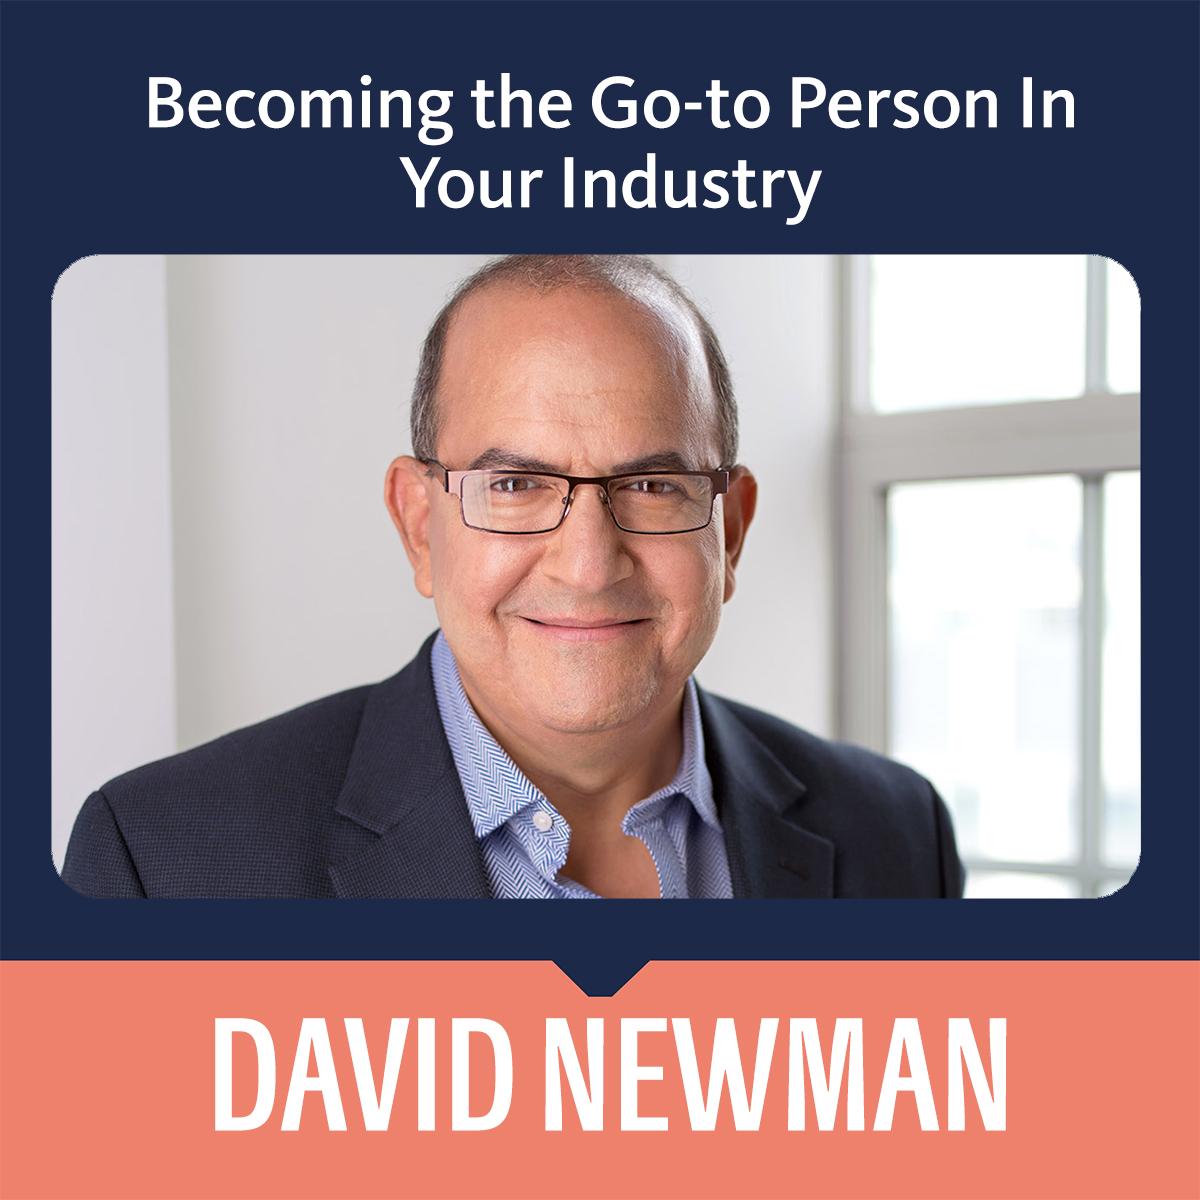 david newman square